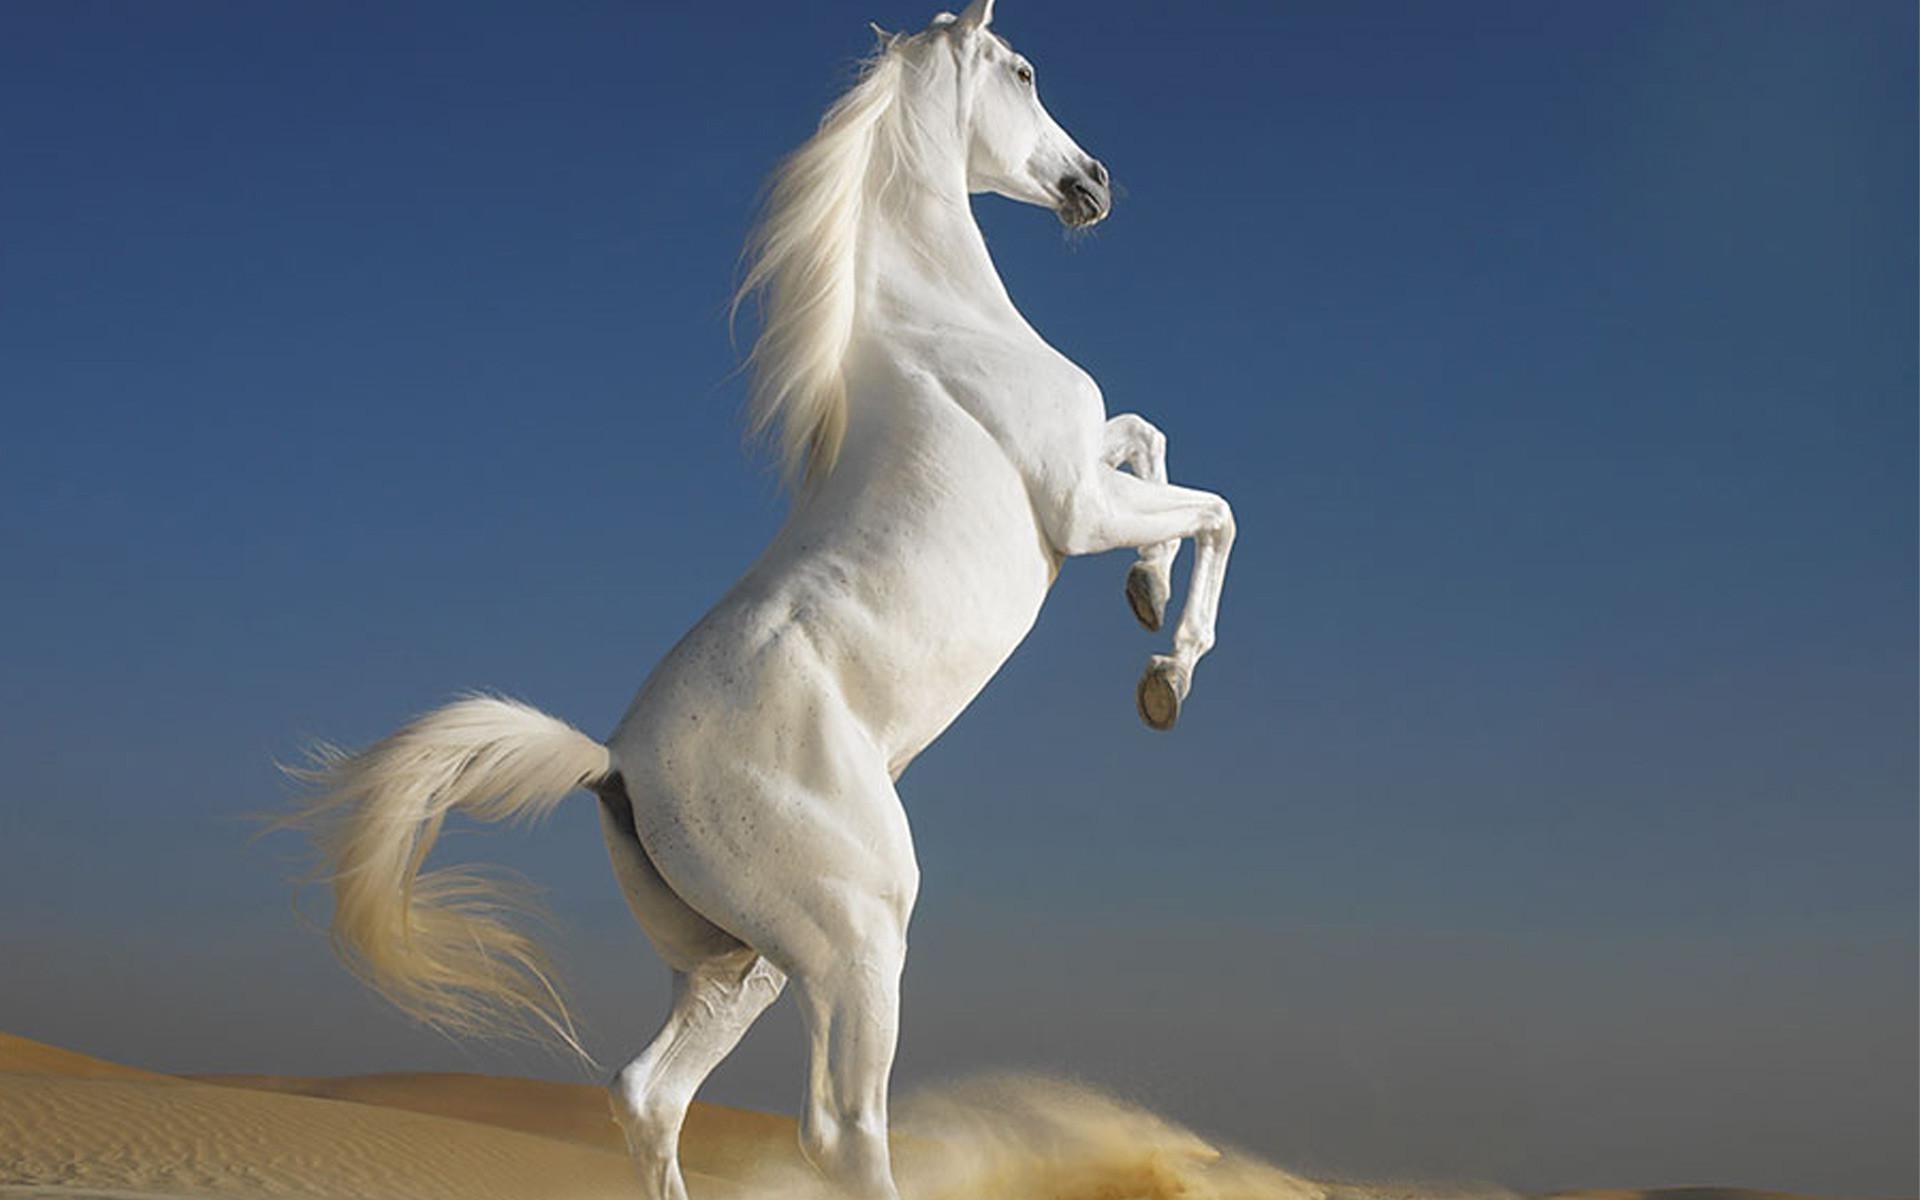 Beautiful horses rearing up